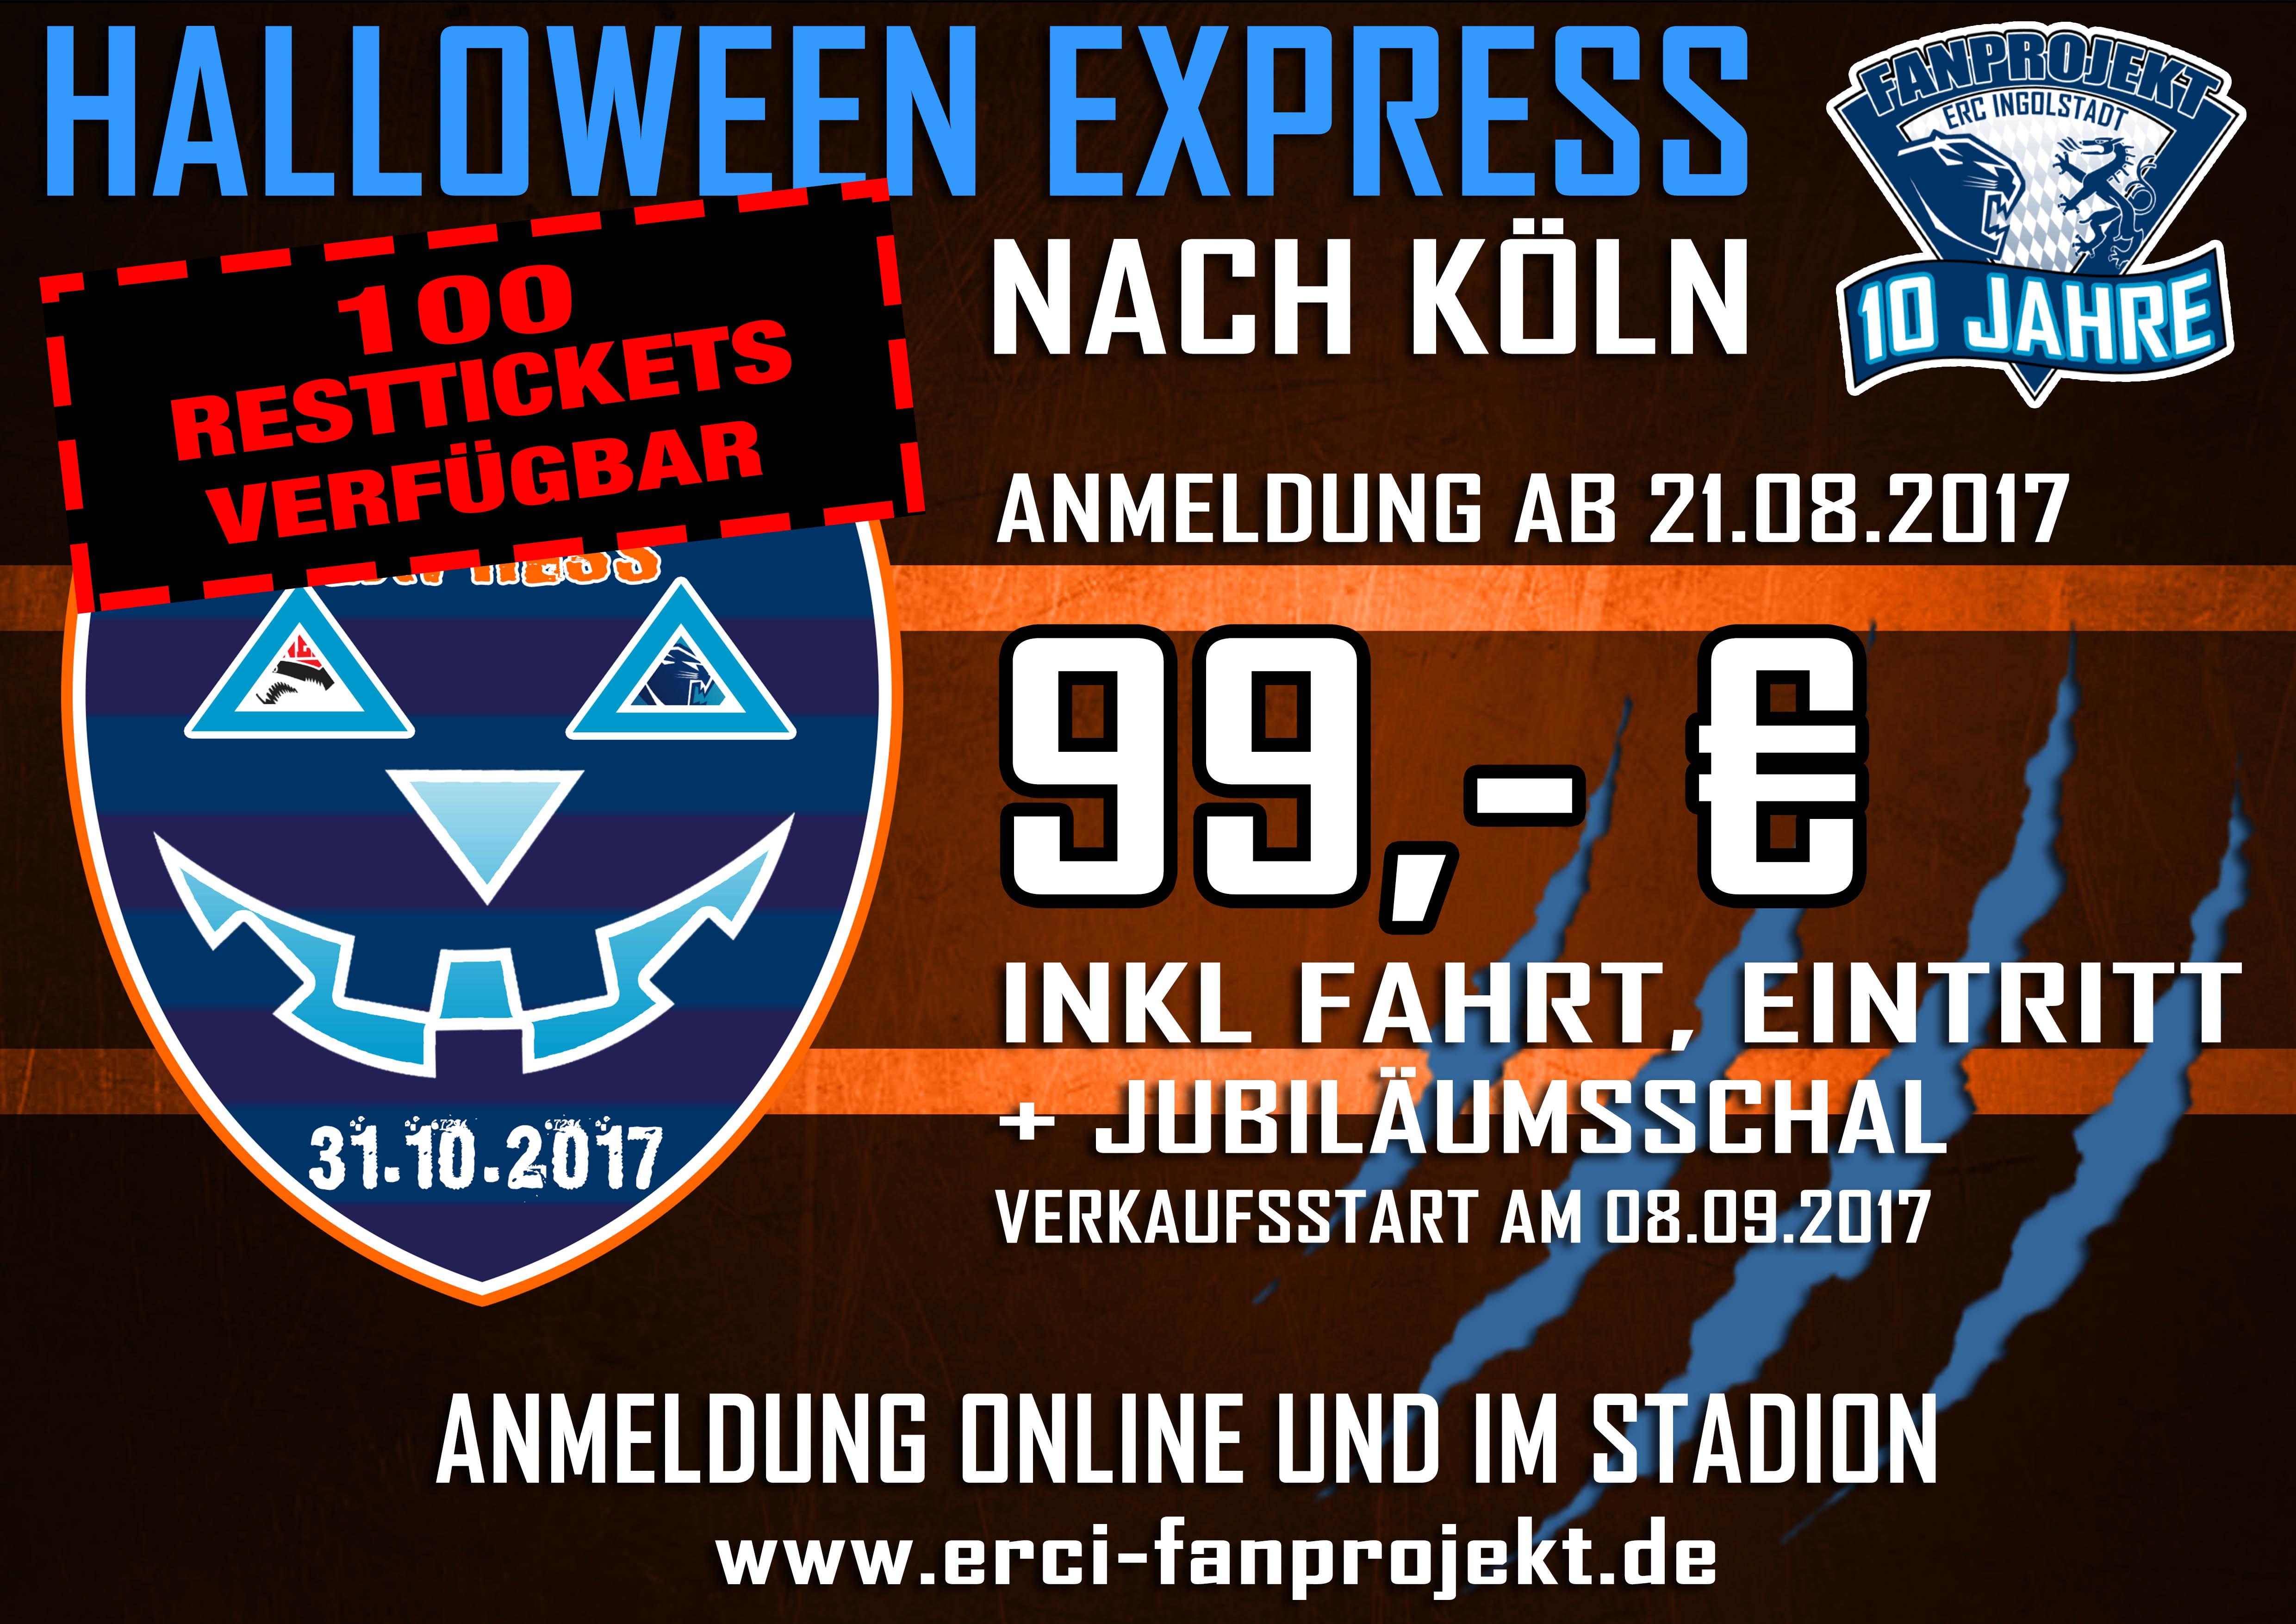 Sonderzug Tickets sichern – nur noch 100 Stück verfügbar